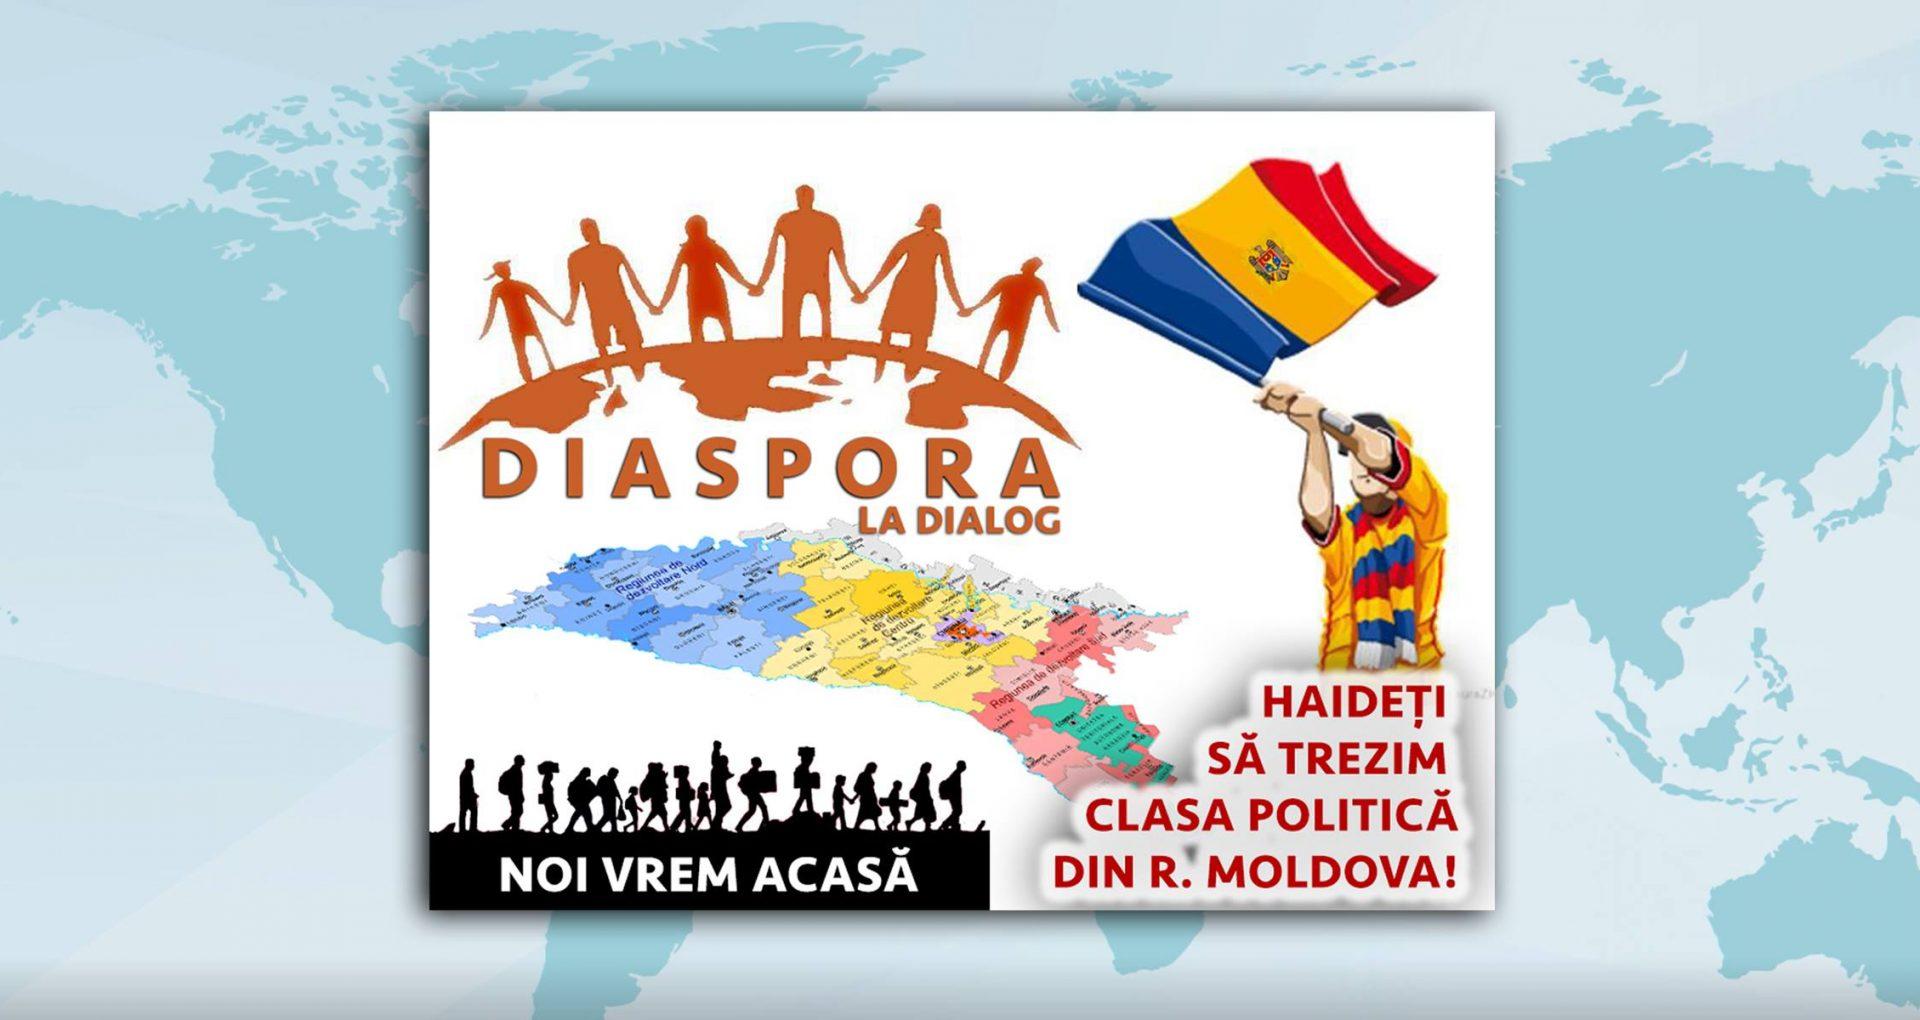 Diaspora vrea să participe la guvernare